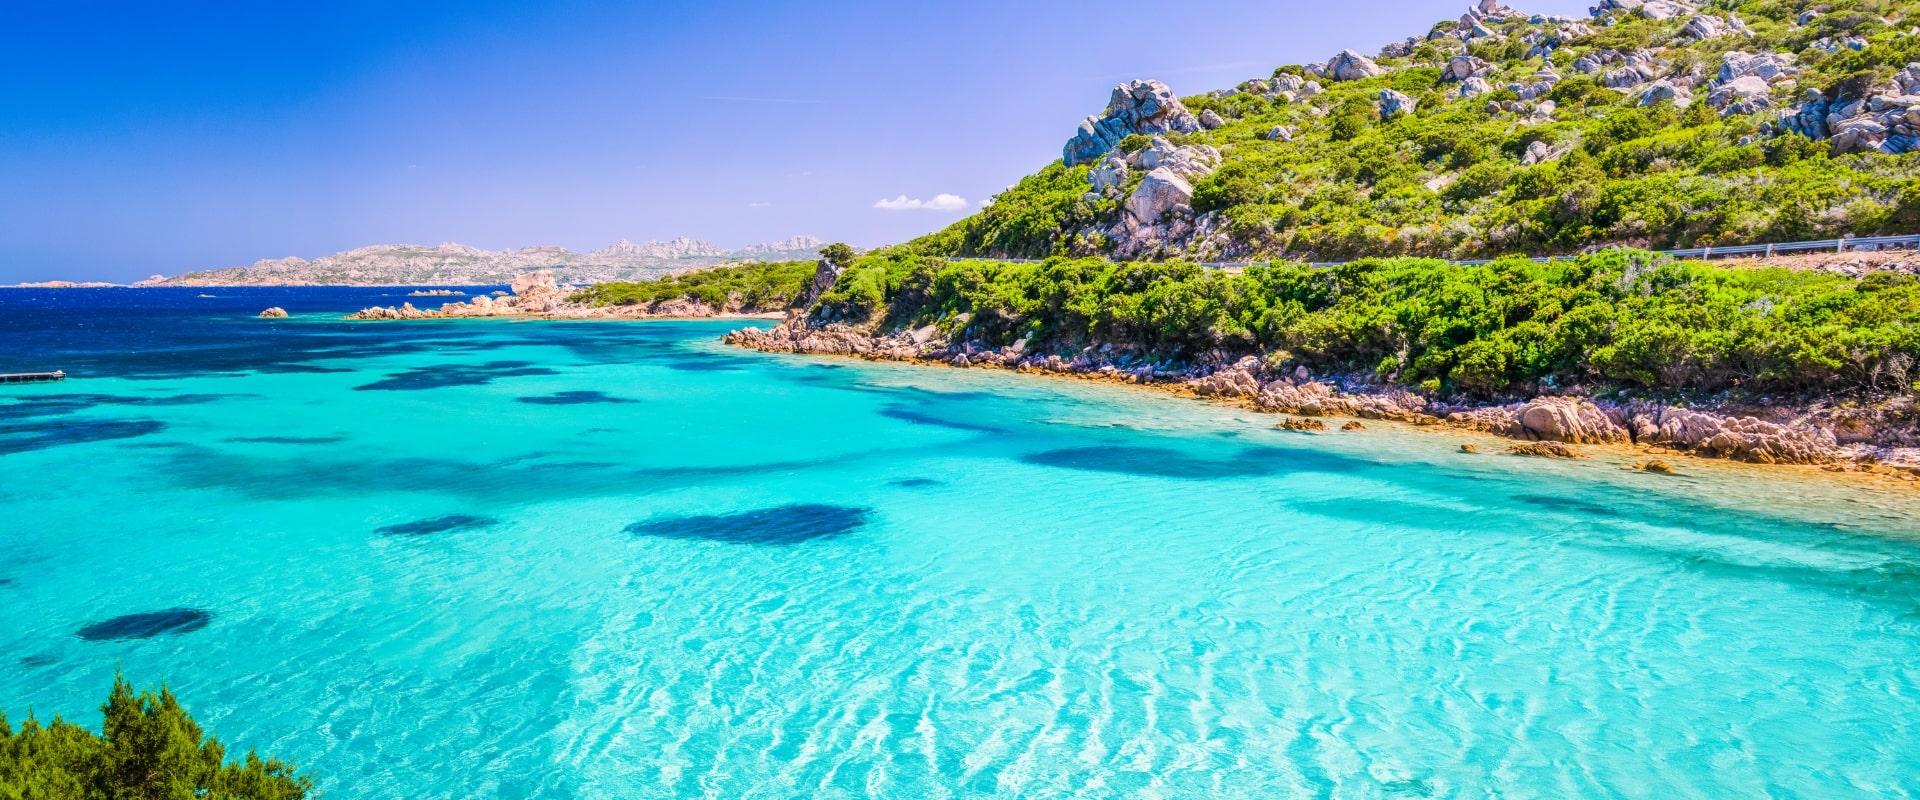 Experience Sardinia